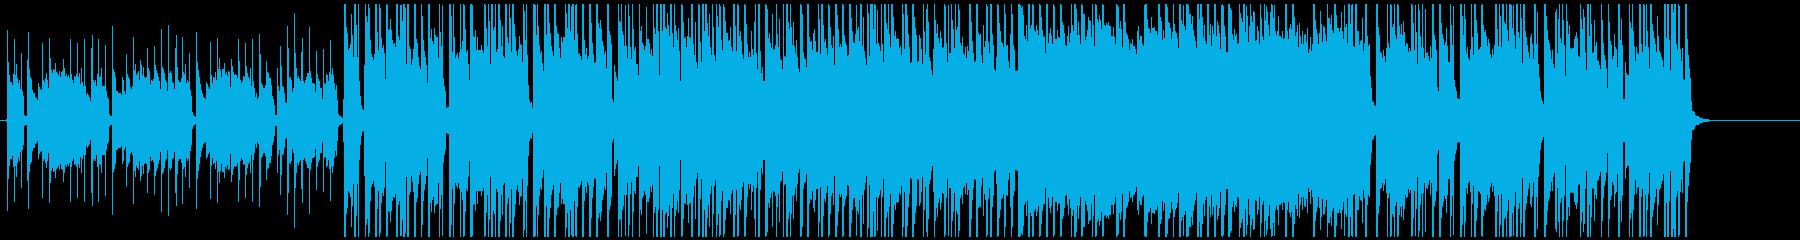 3拍子の落ち着いたポストロックの再生済みの波形